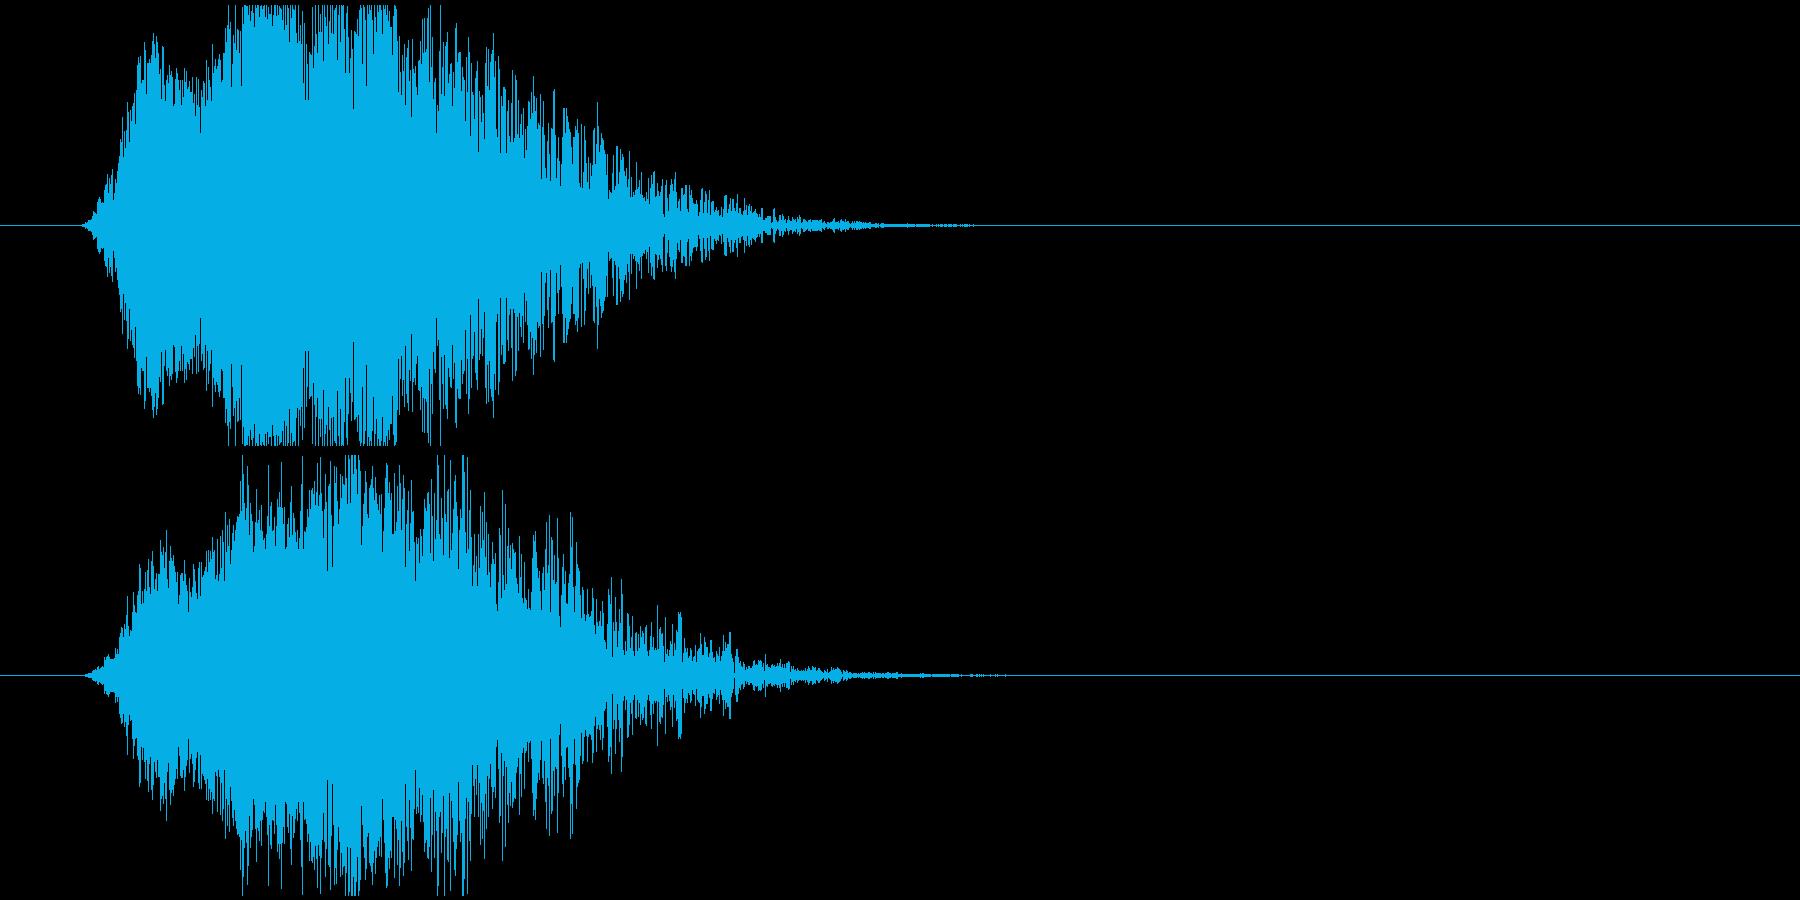 瞬間移動または消失の再生済みの波形